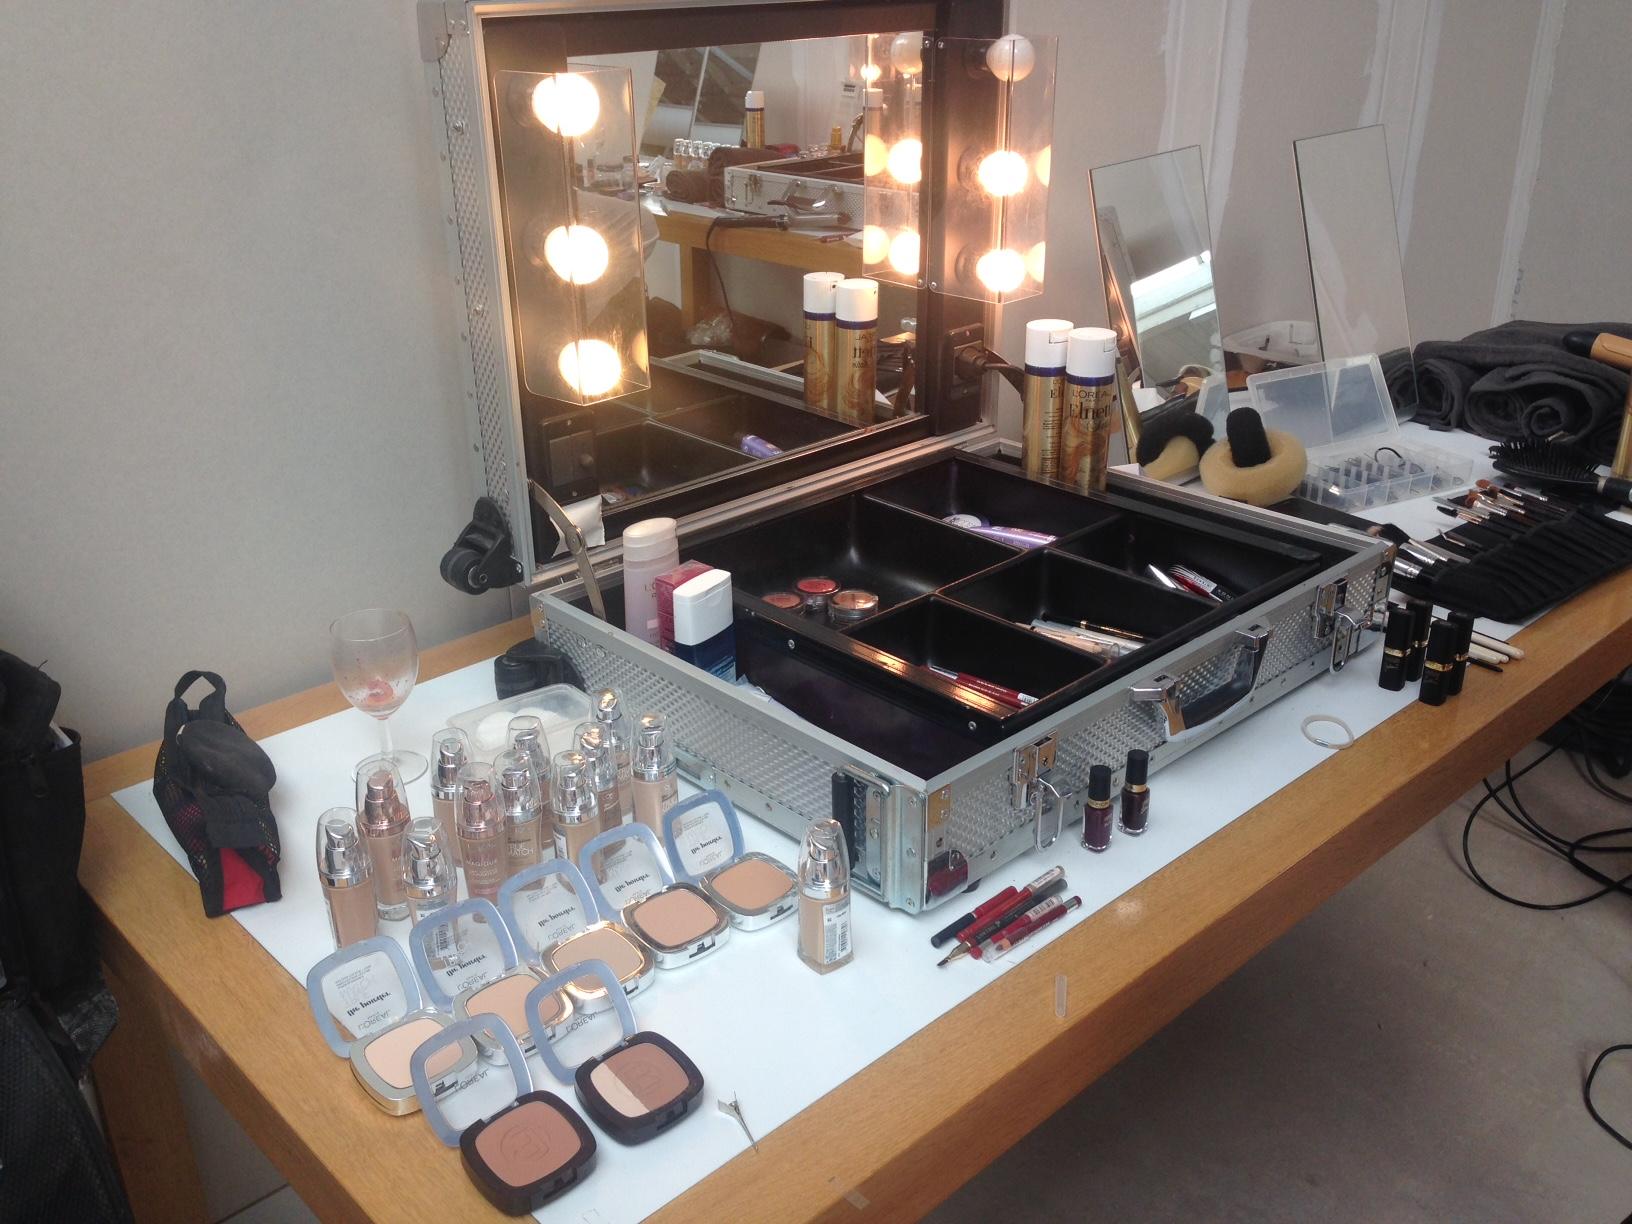 Het snoepwinkeltje van L'oréal voor beauty lovers...